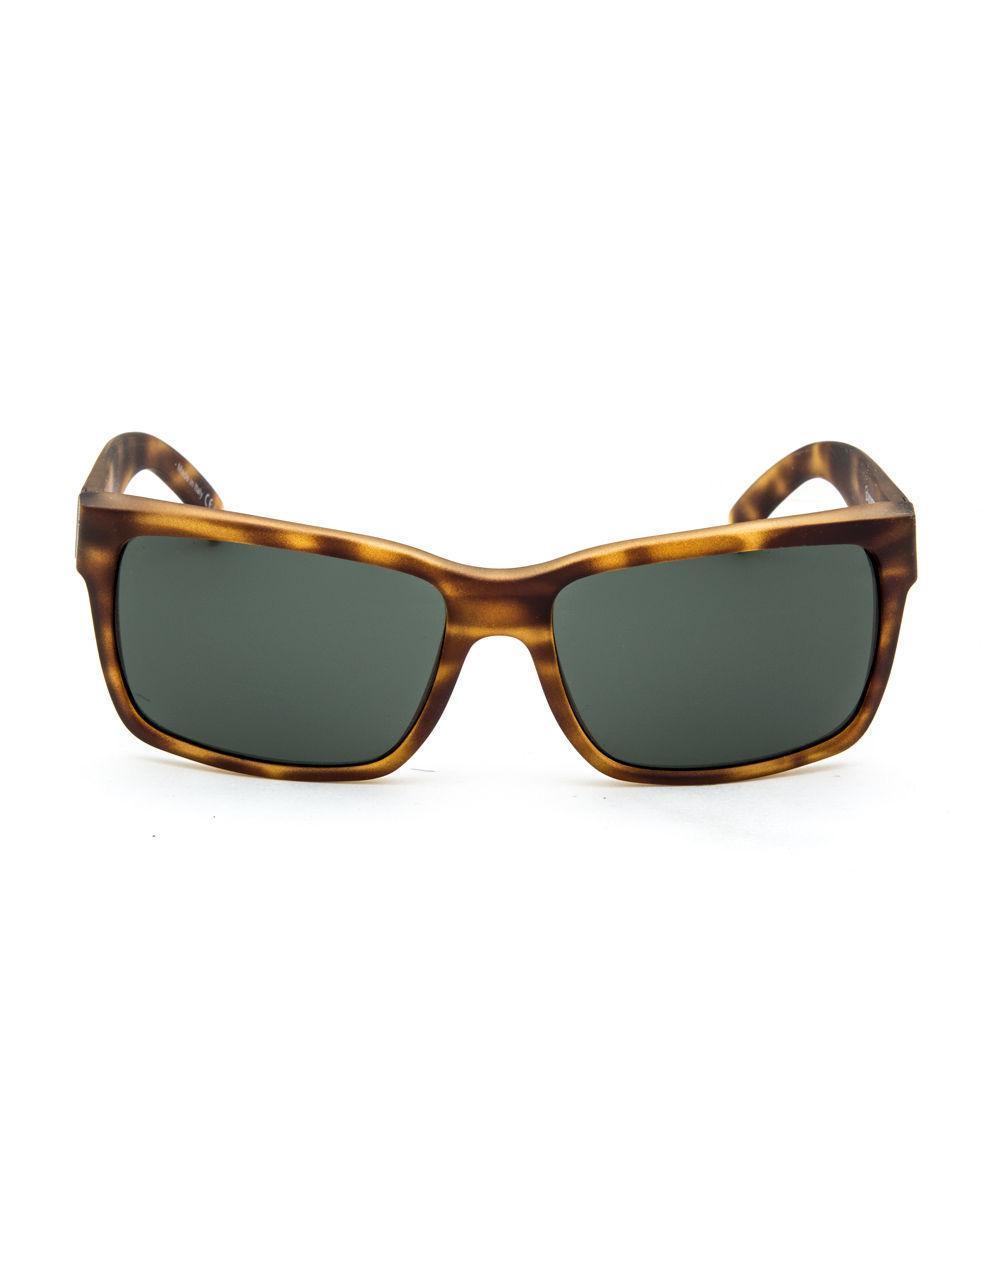 163e6fe95e Lyst - Von Zipper Elmore Tortoise Satin   Vintage Grey Sunglasses in Gray  for Men